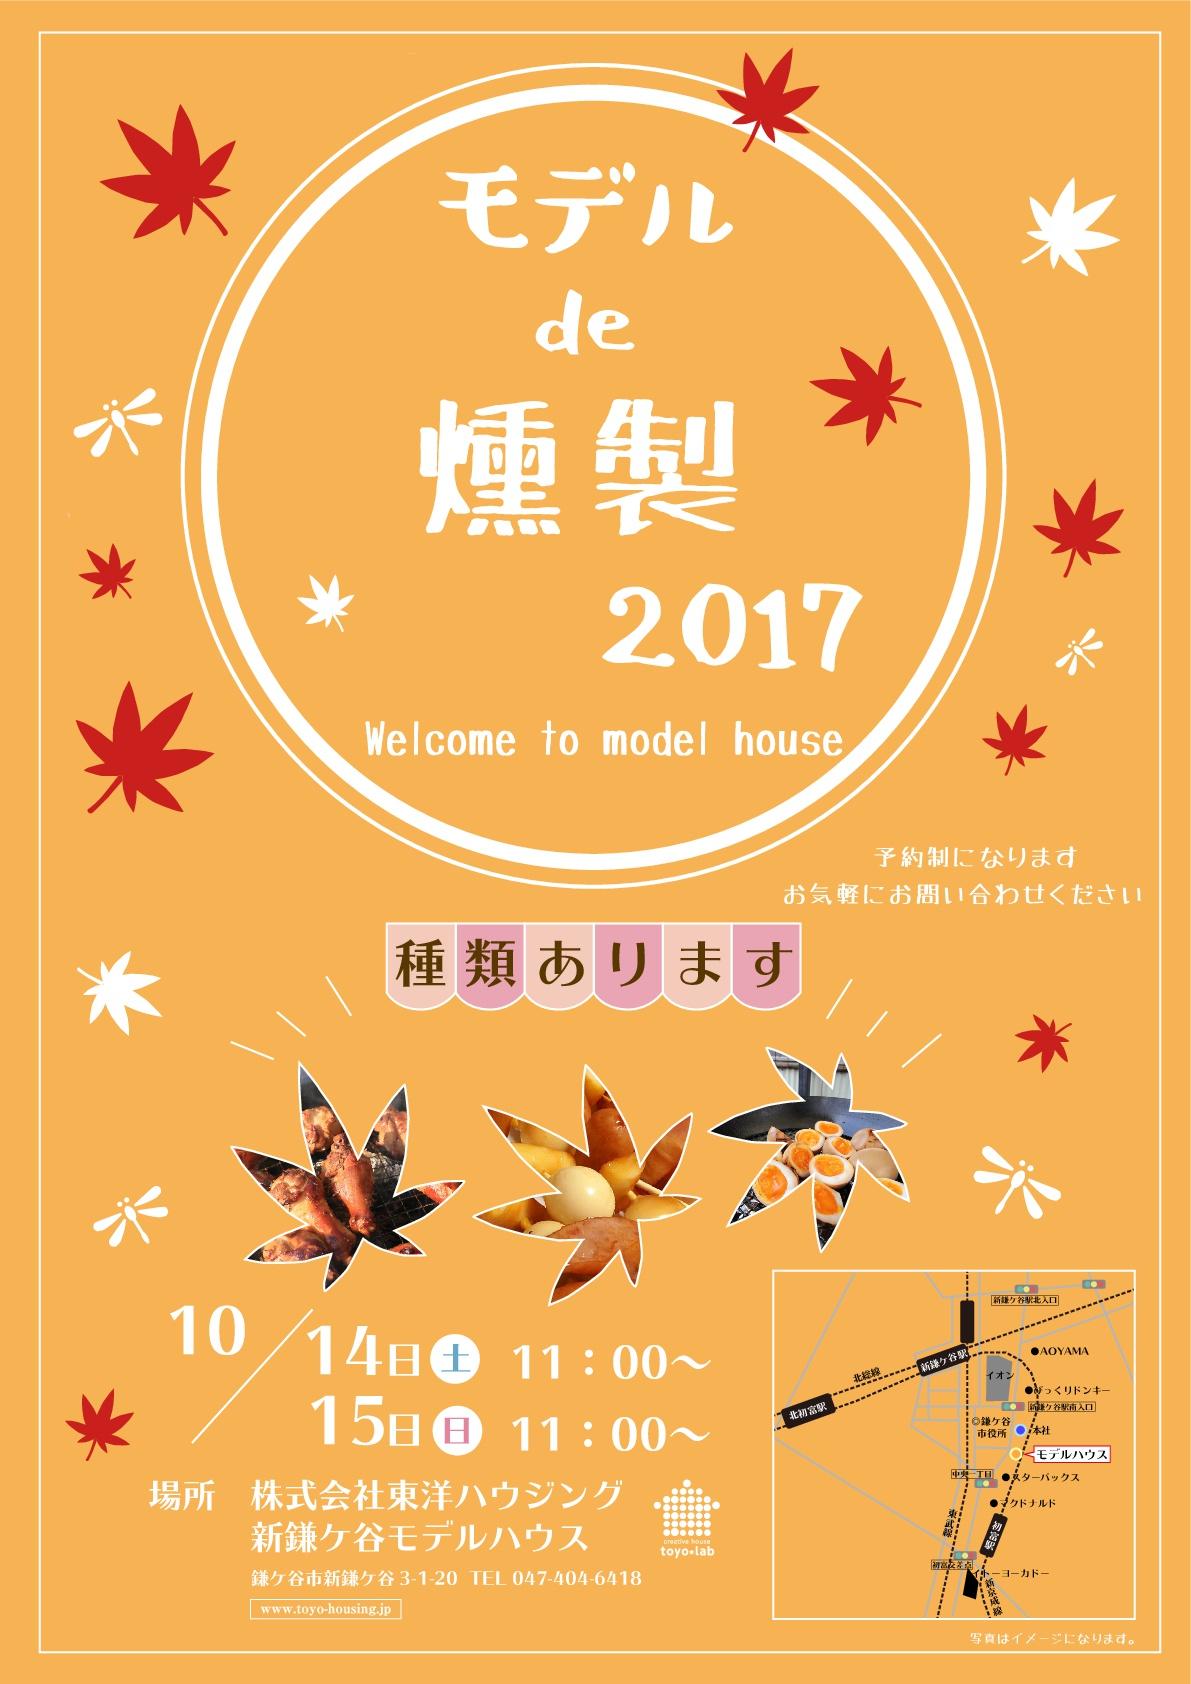 【新鎌ヶ谷モデルハウス nagomino/ソトナカ】モデルde燻製2017イベント!!